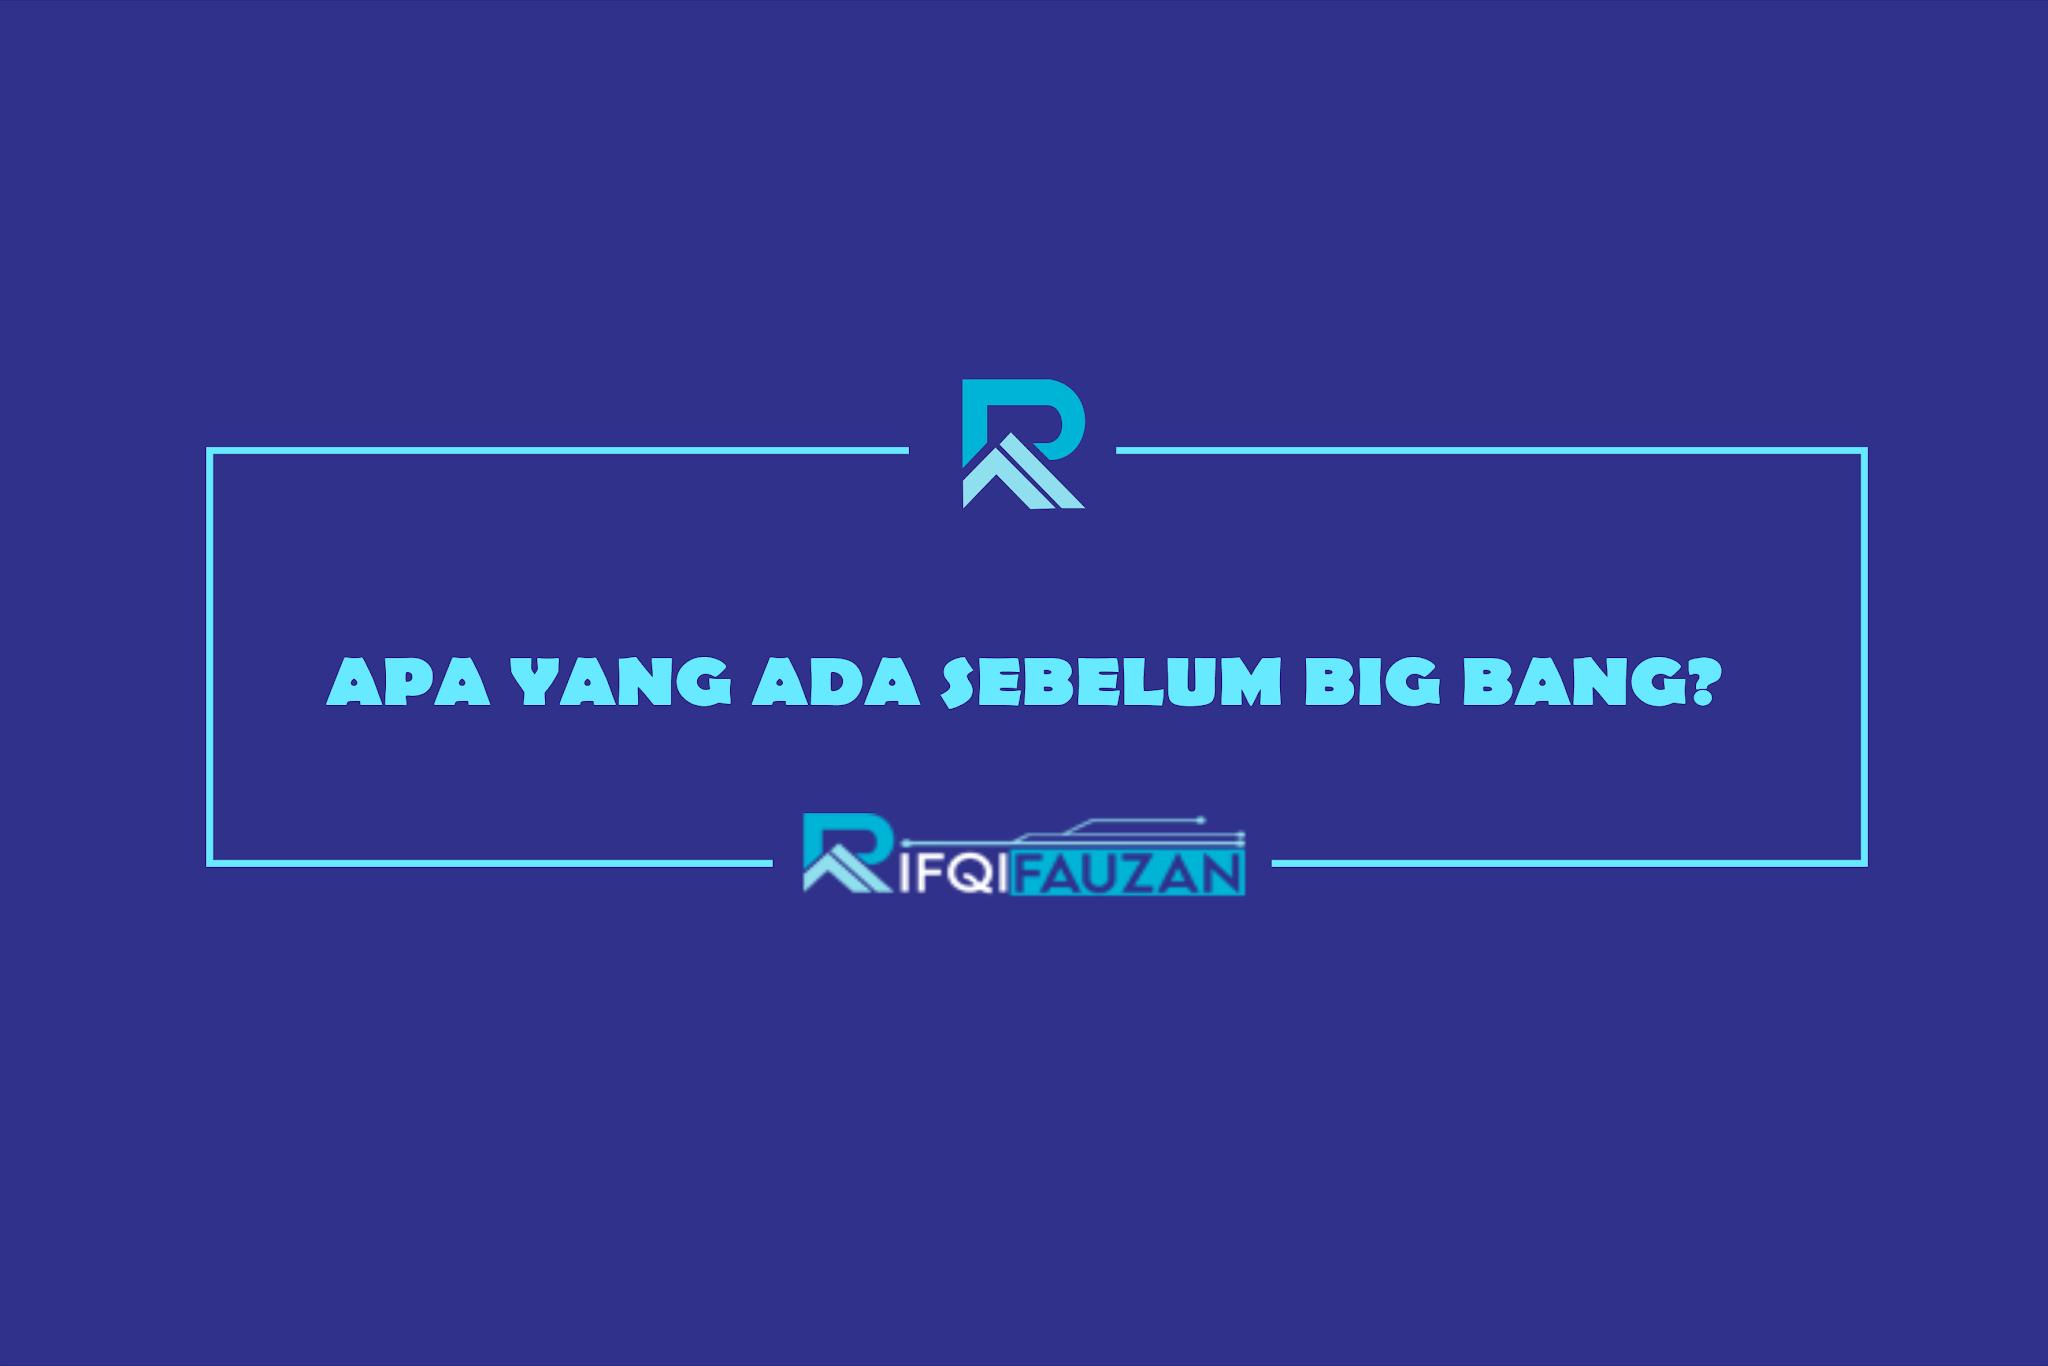 APA YANG ADA SEBELUM BIG BANG?